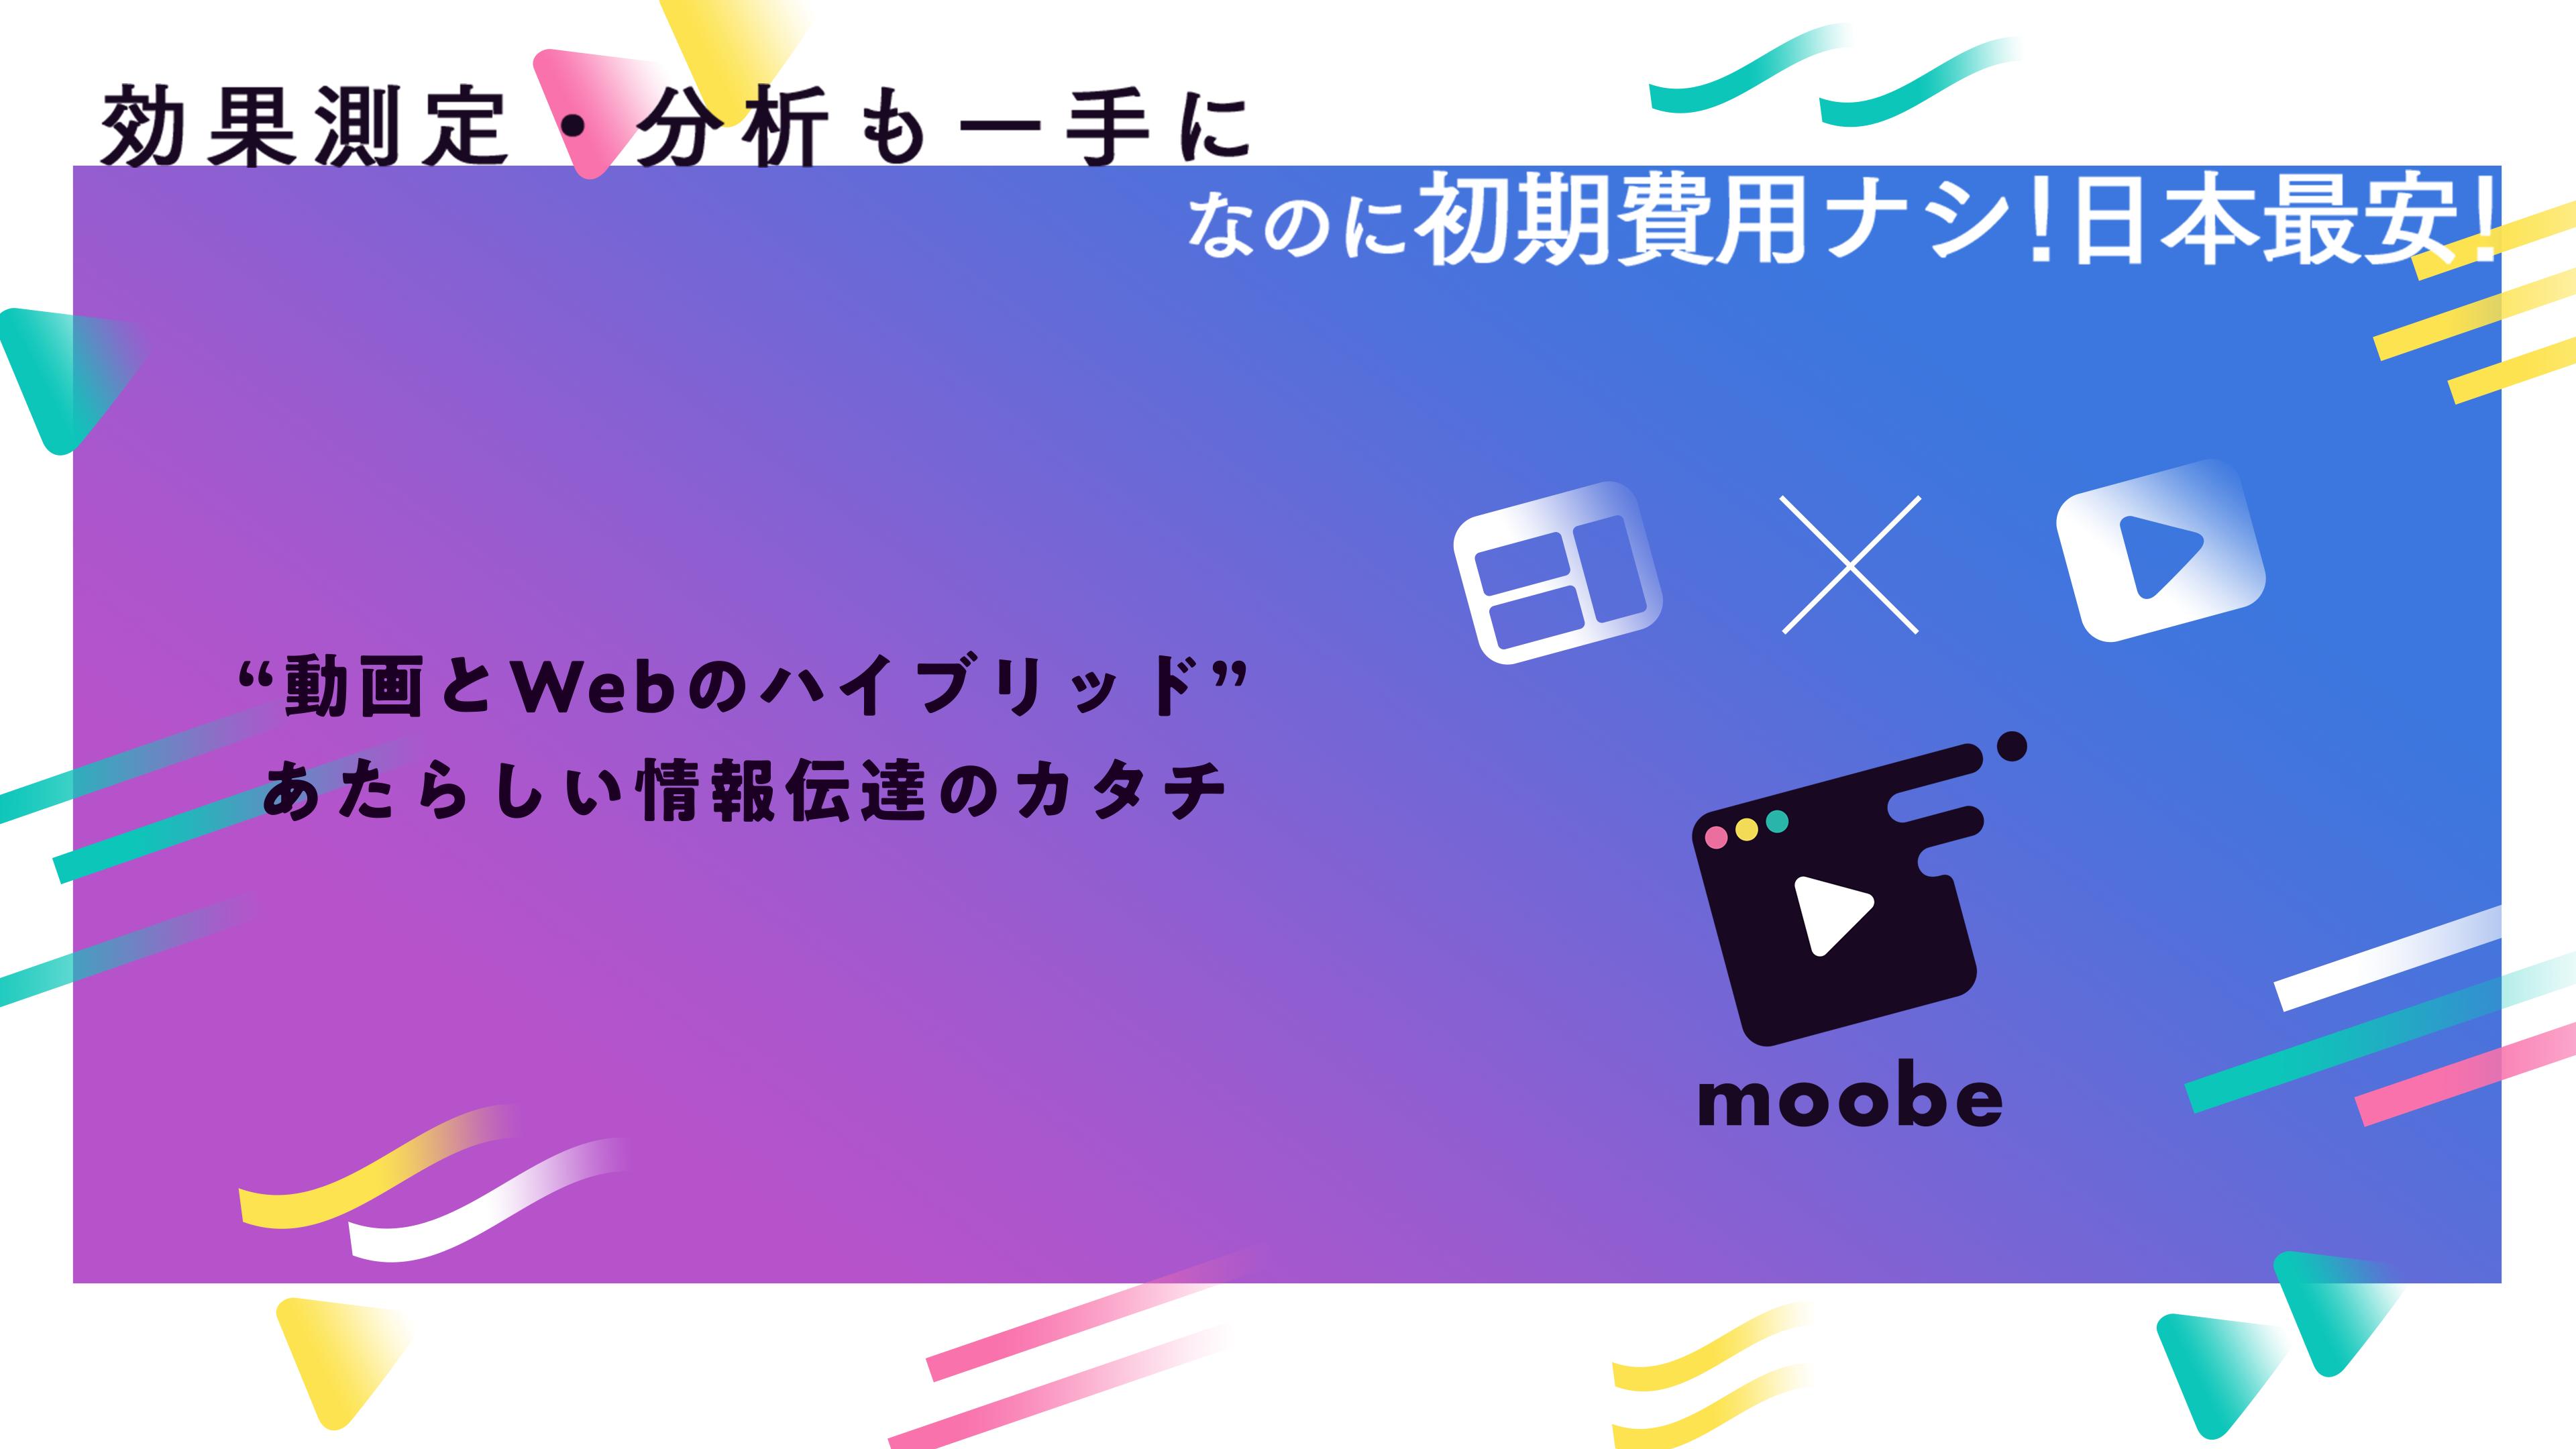 動画×Webで驚異的な数値効果を実現する5G時代の新サービス「moobe」とは?月額3.2万で日本一の安さを実現した理由を解説!のサムネイル画像